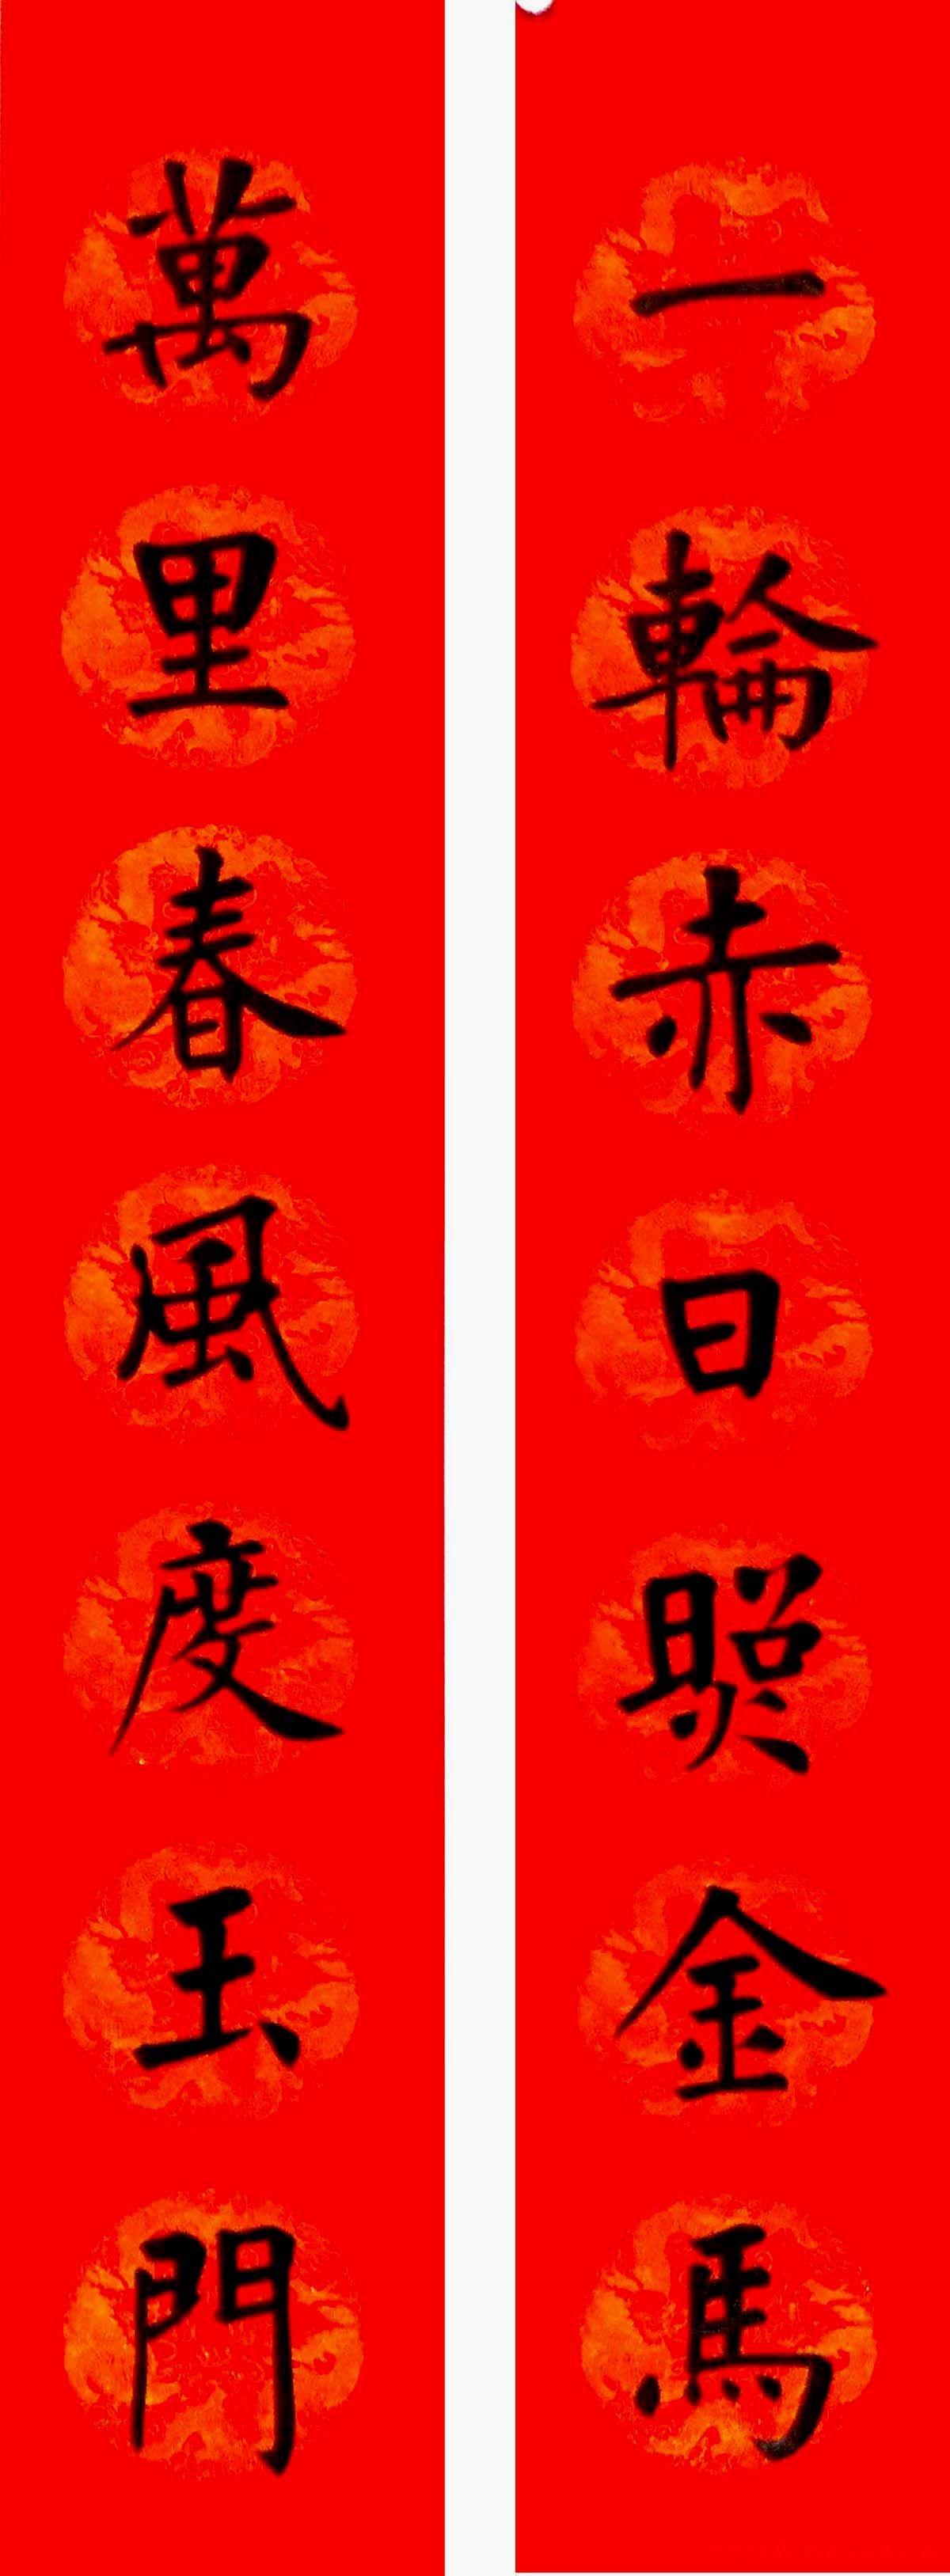 润堂挥春书法欣赏杨涵之楷书春联16幅 第12页 书法专题 书法欣赏图片